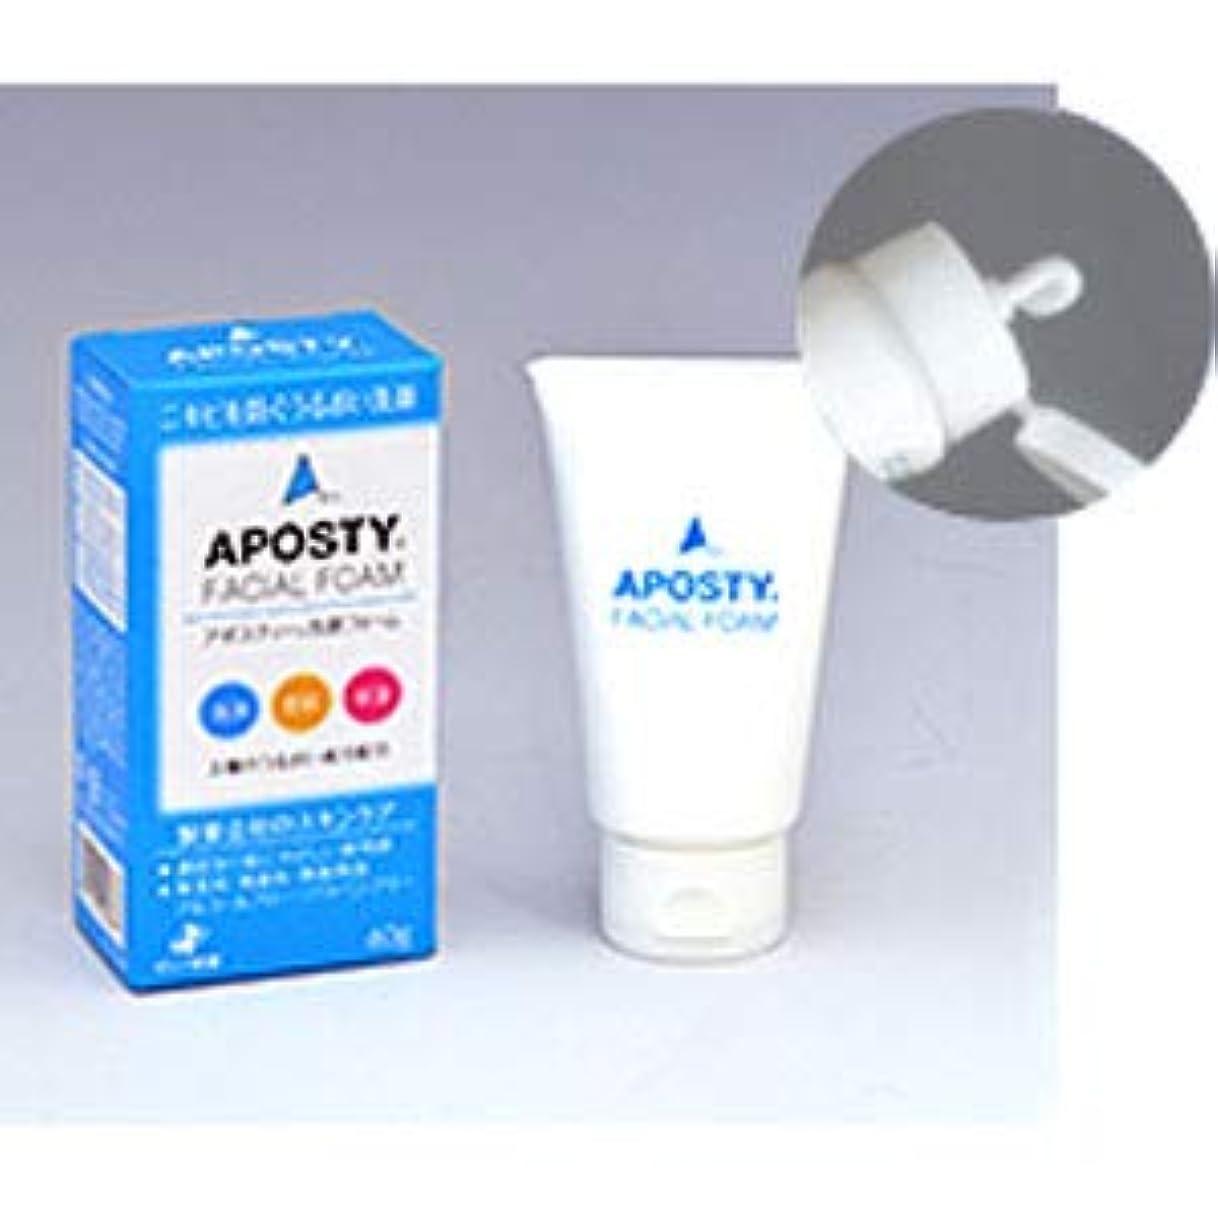 アーク切り下げ確認するアポスティー洗顔フォーム 60g×2個